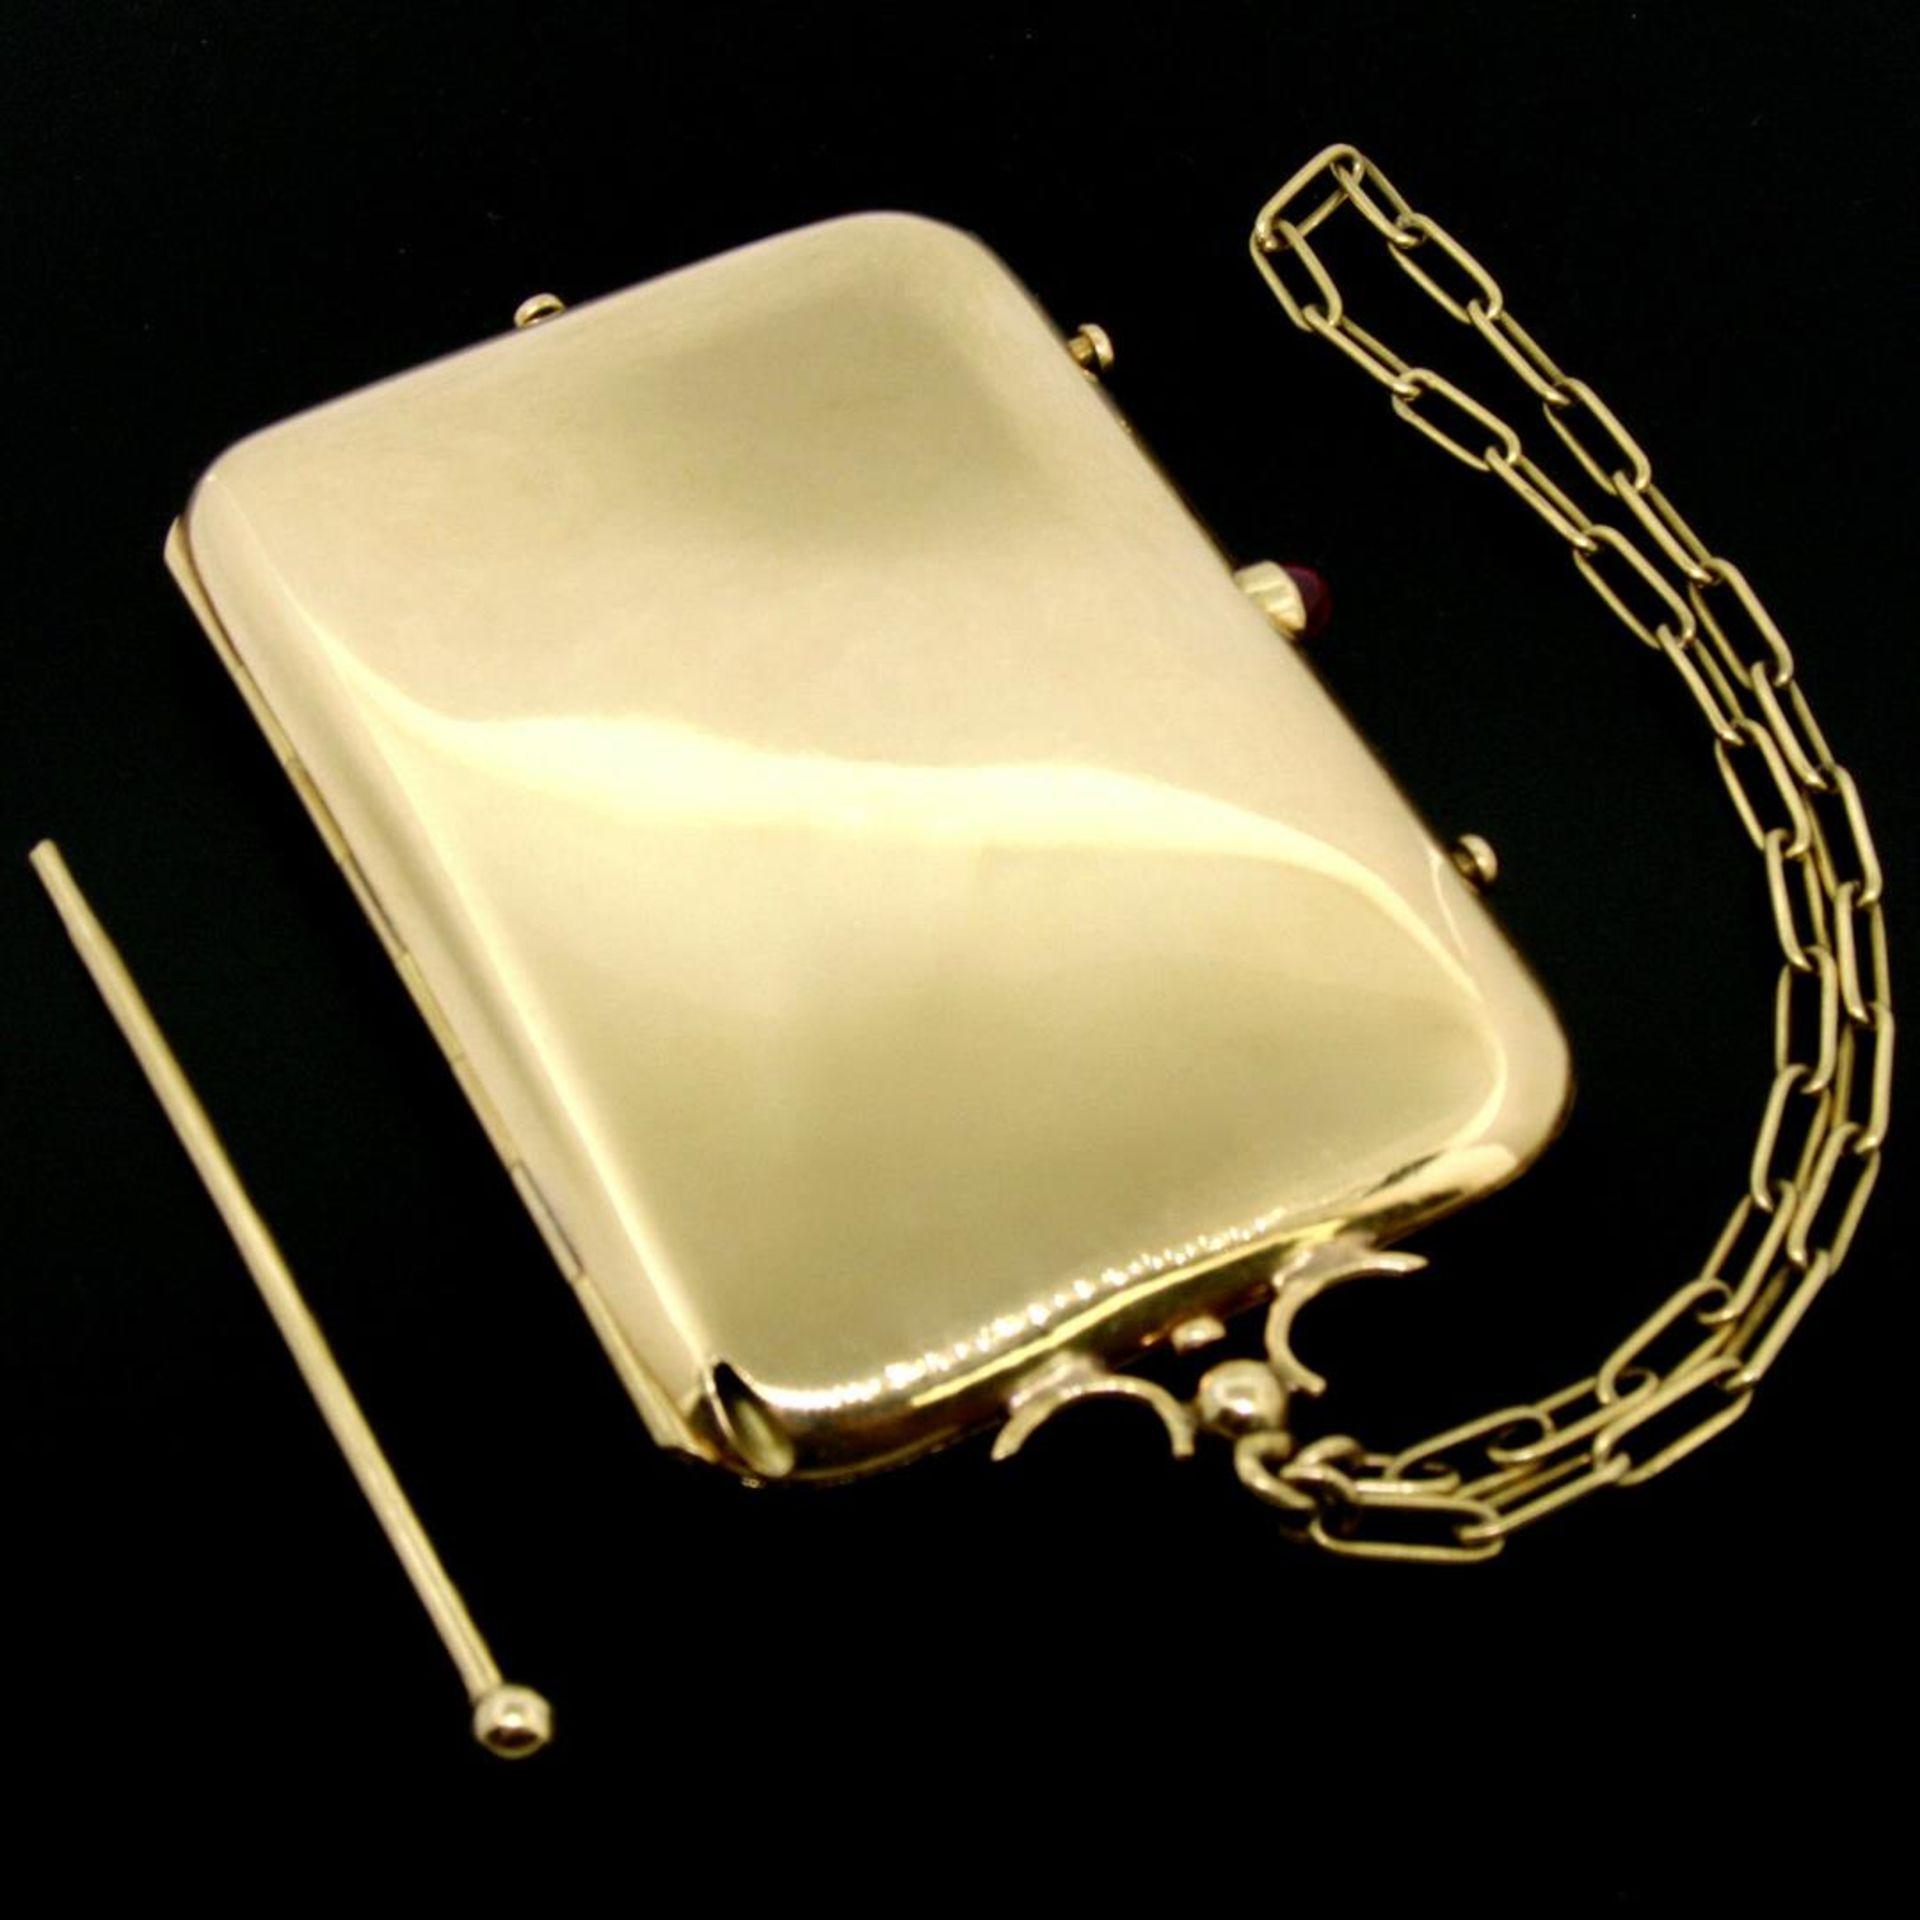 Vintage BOUCHERON Paris 18k Tri Color Gold Ruby Compact Powder Case - Image 9 of 9